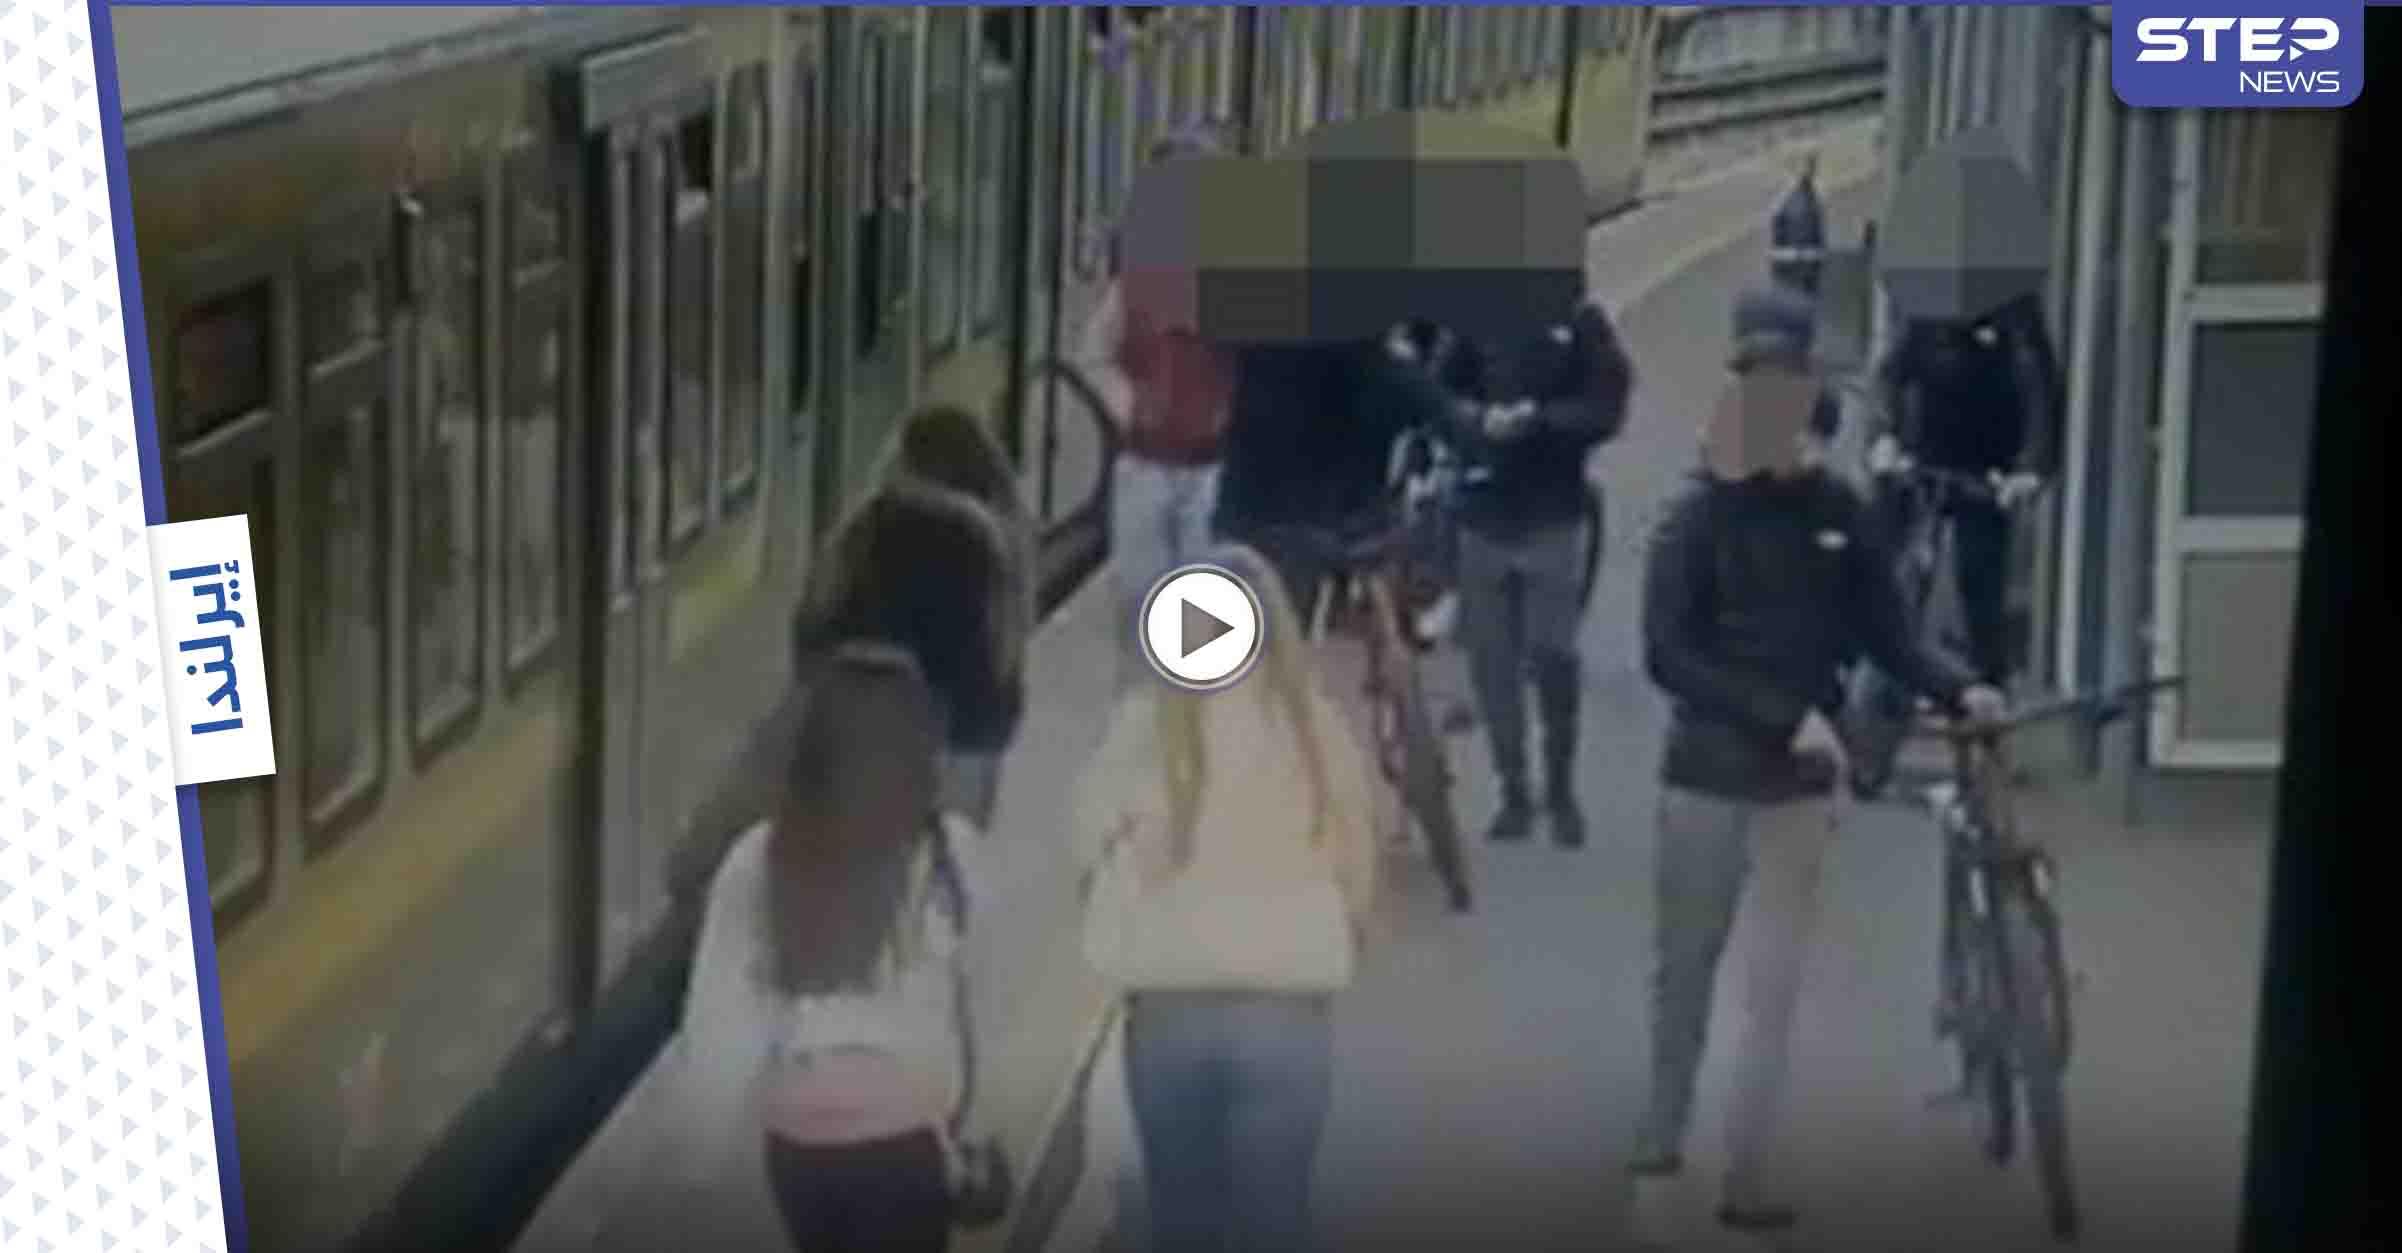 بالفيديو   شبان يهاجمون عدة فتيات ويرمون إحداهن على سكة القطار بــ إيرلندا ويبصقون على الأخريات